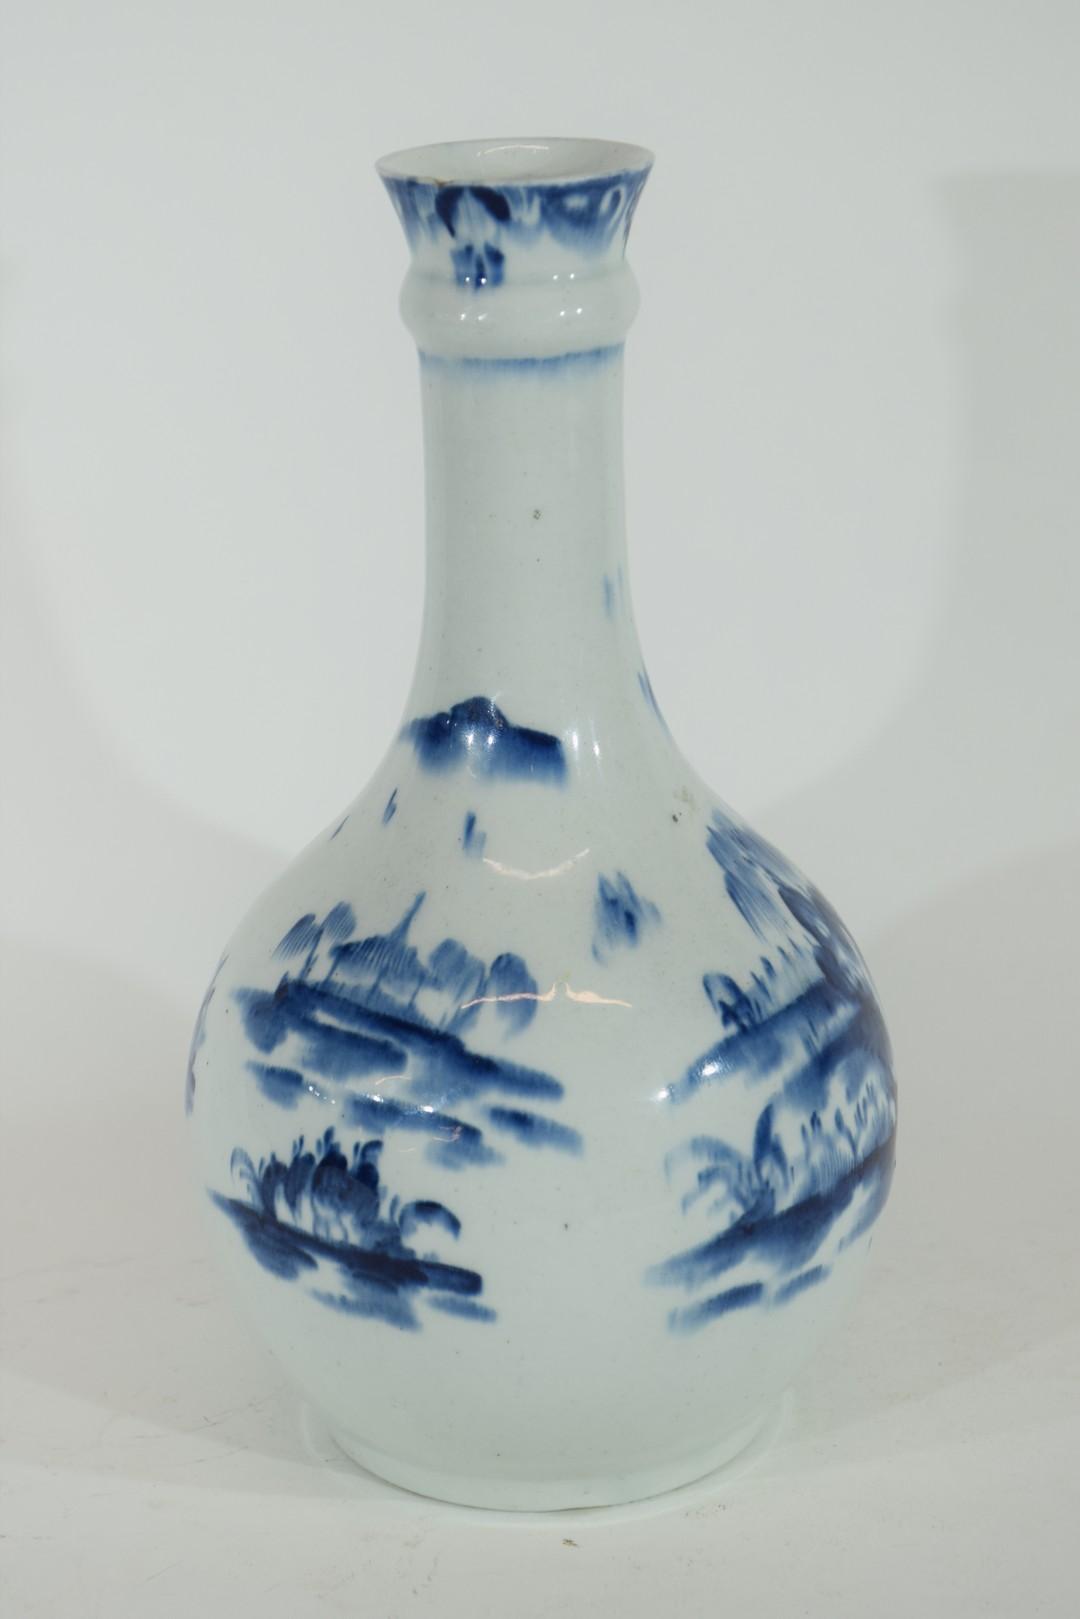 Lowestoft porcelain guglet or water bottle - Image 4 of 7